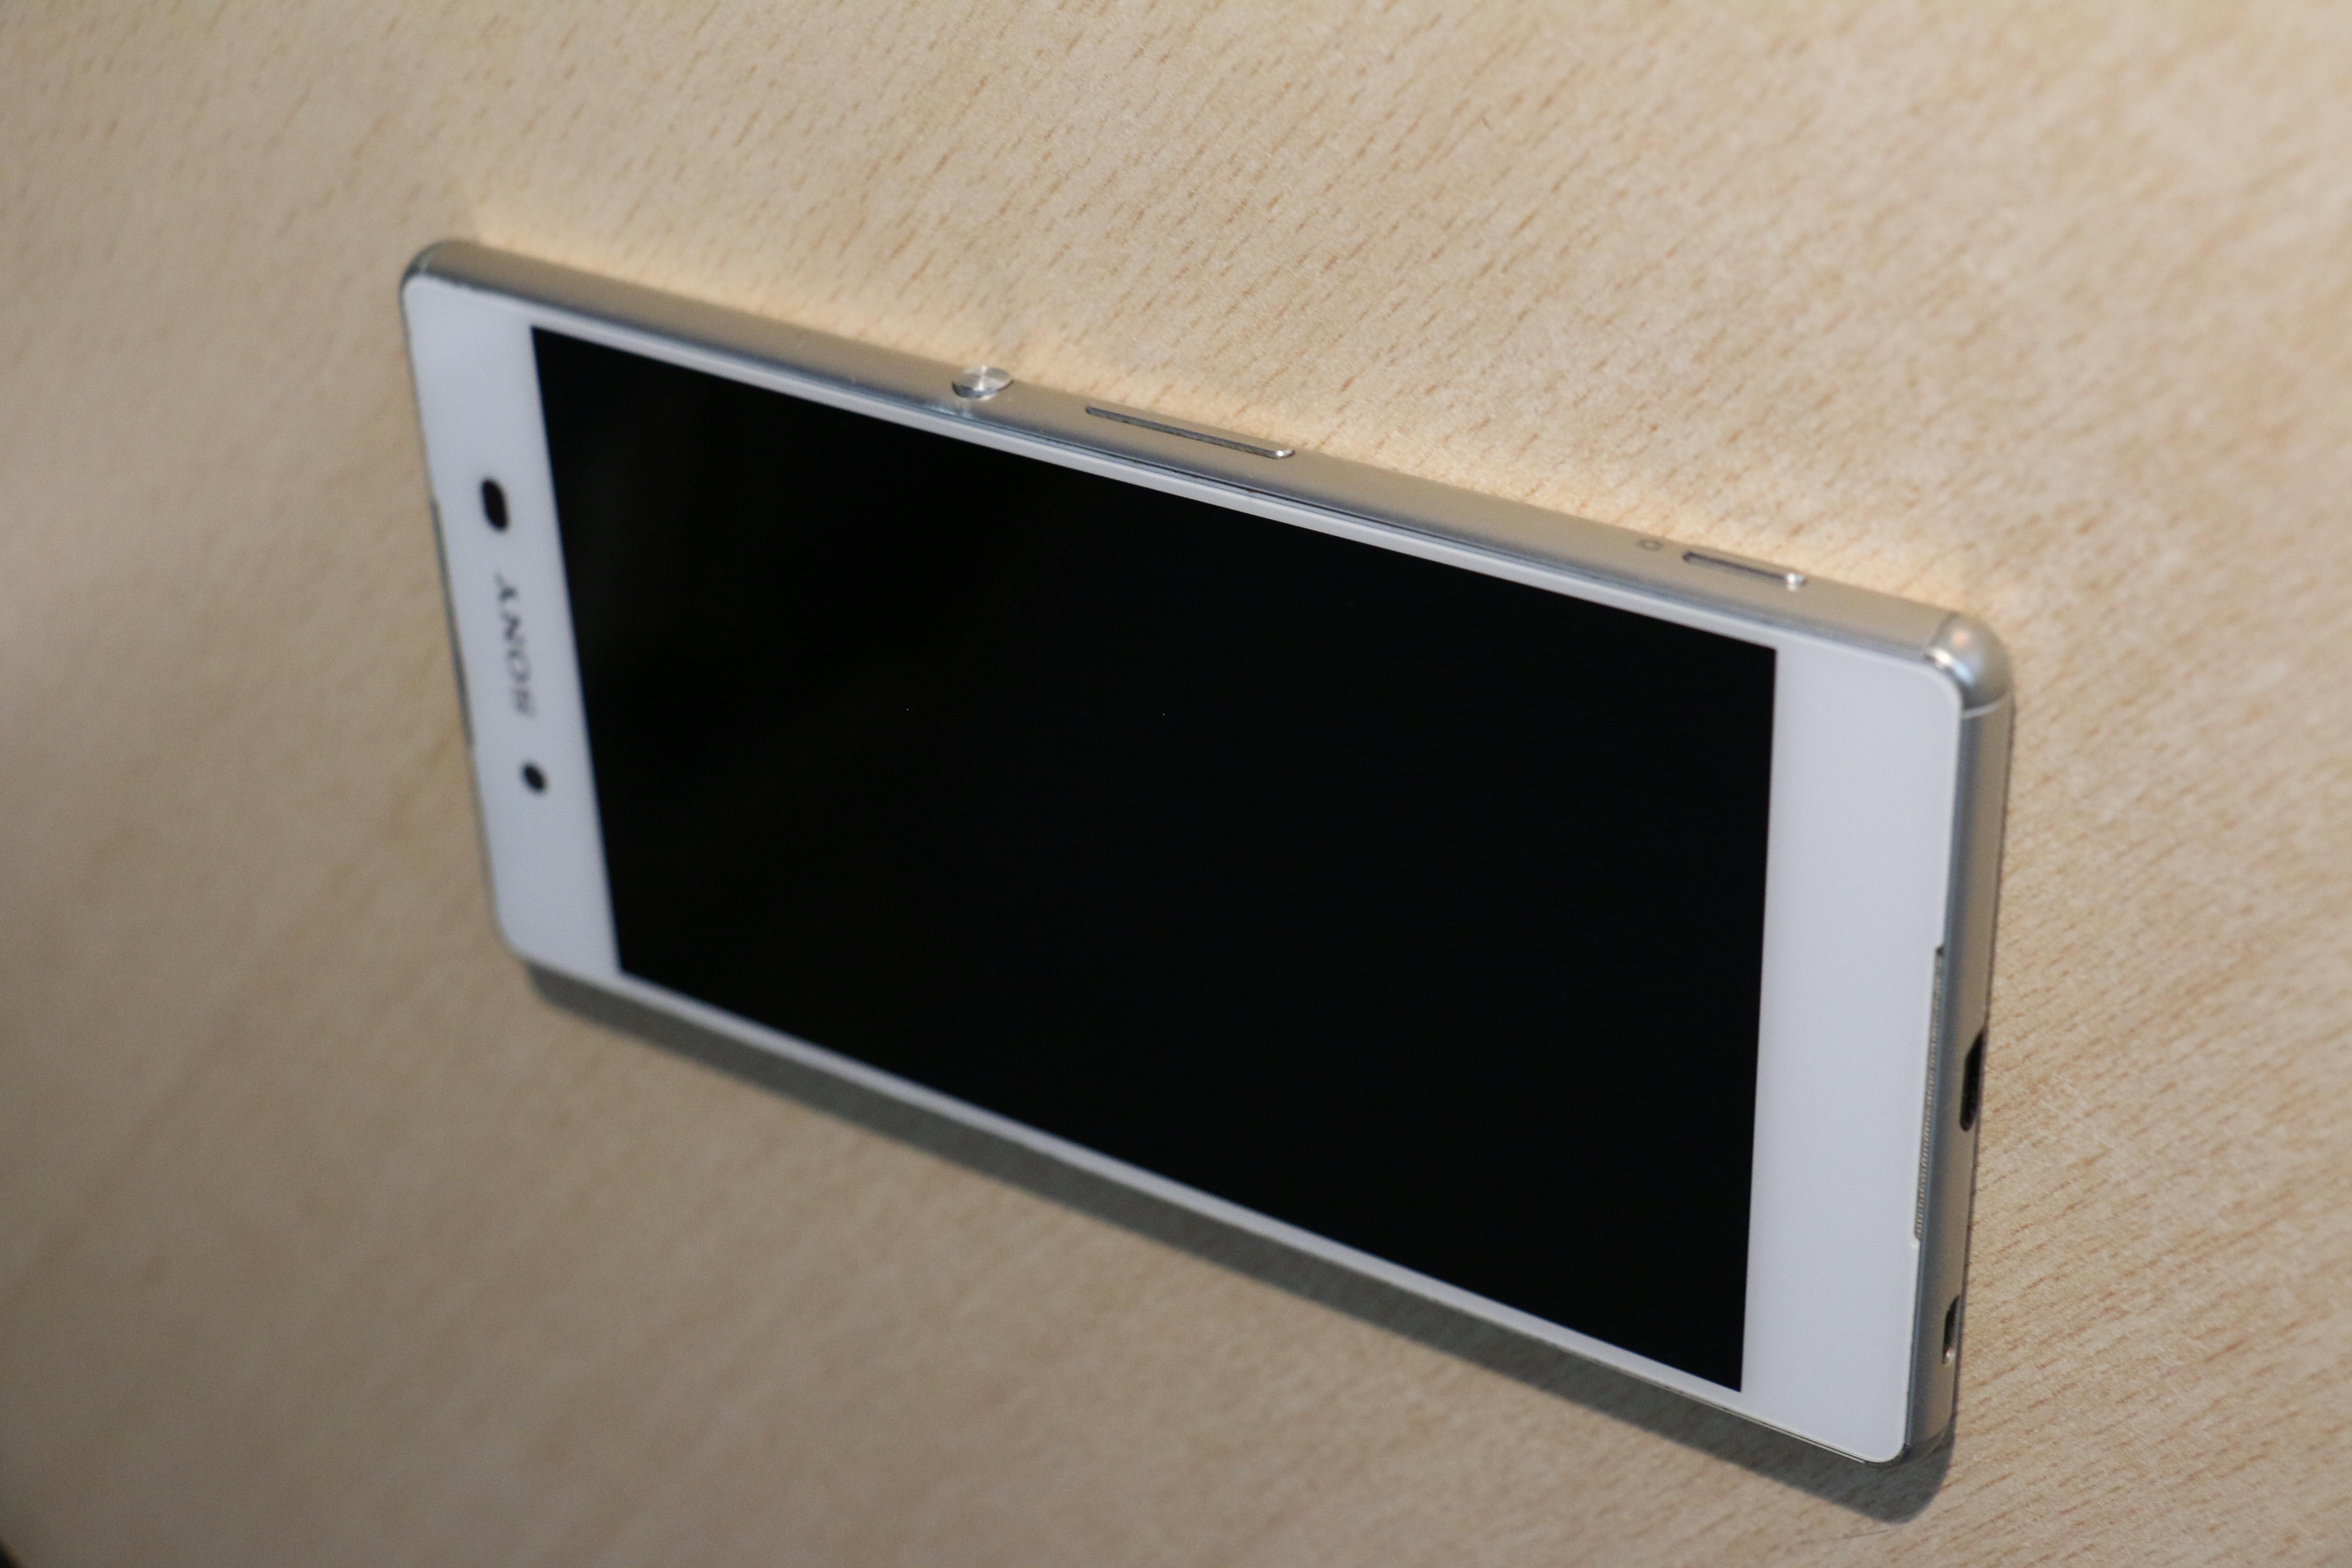 Sony Xperia Z3 Wikipedia